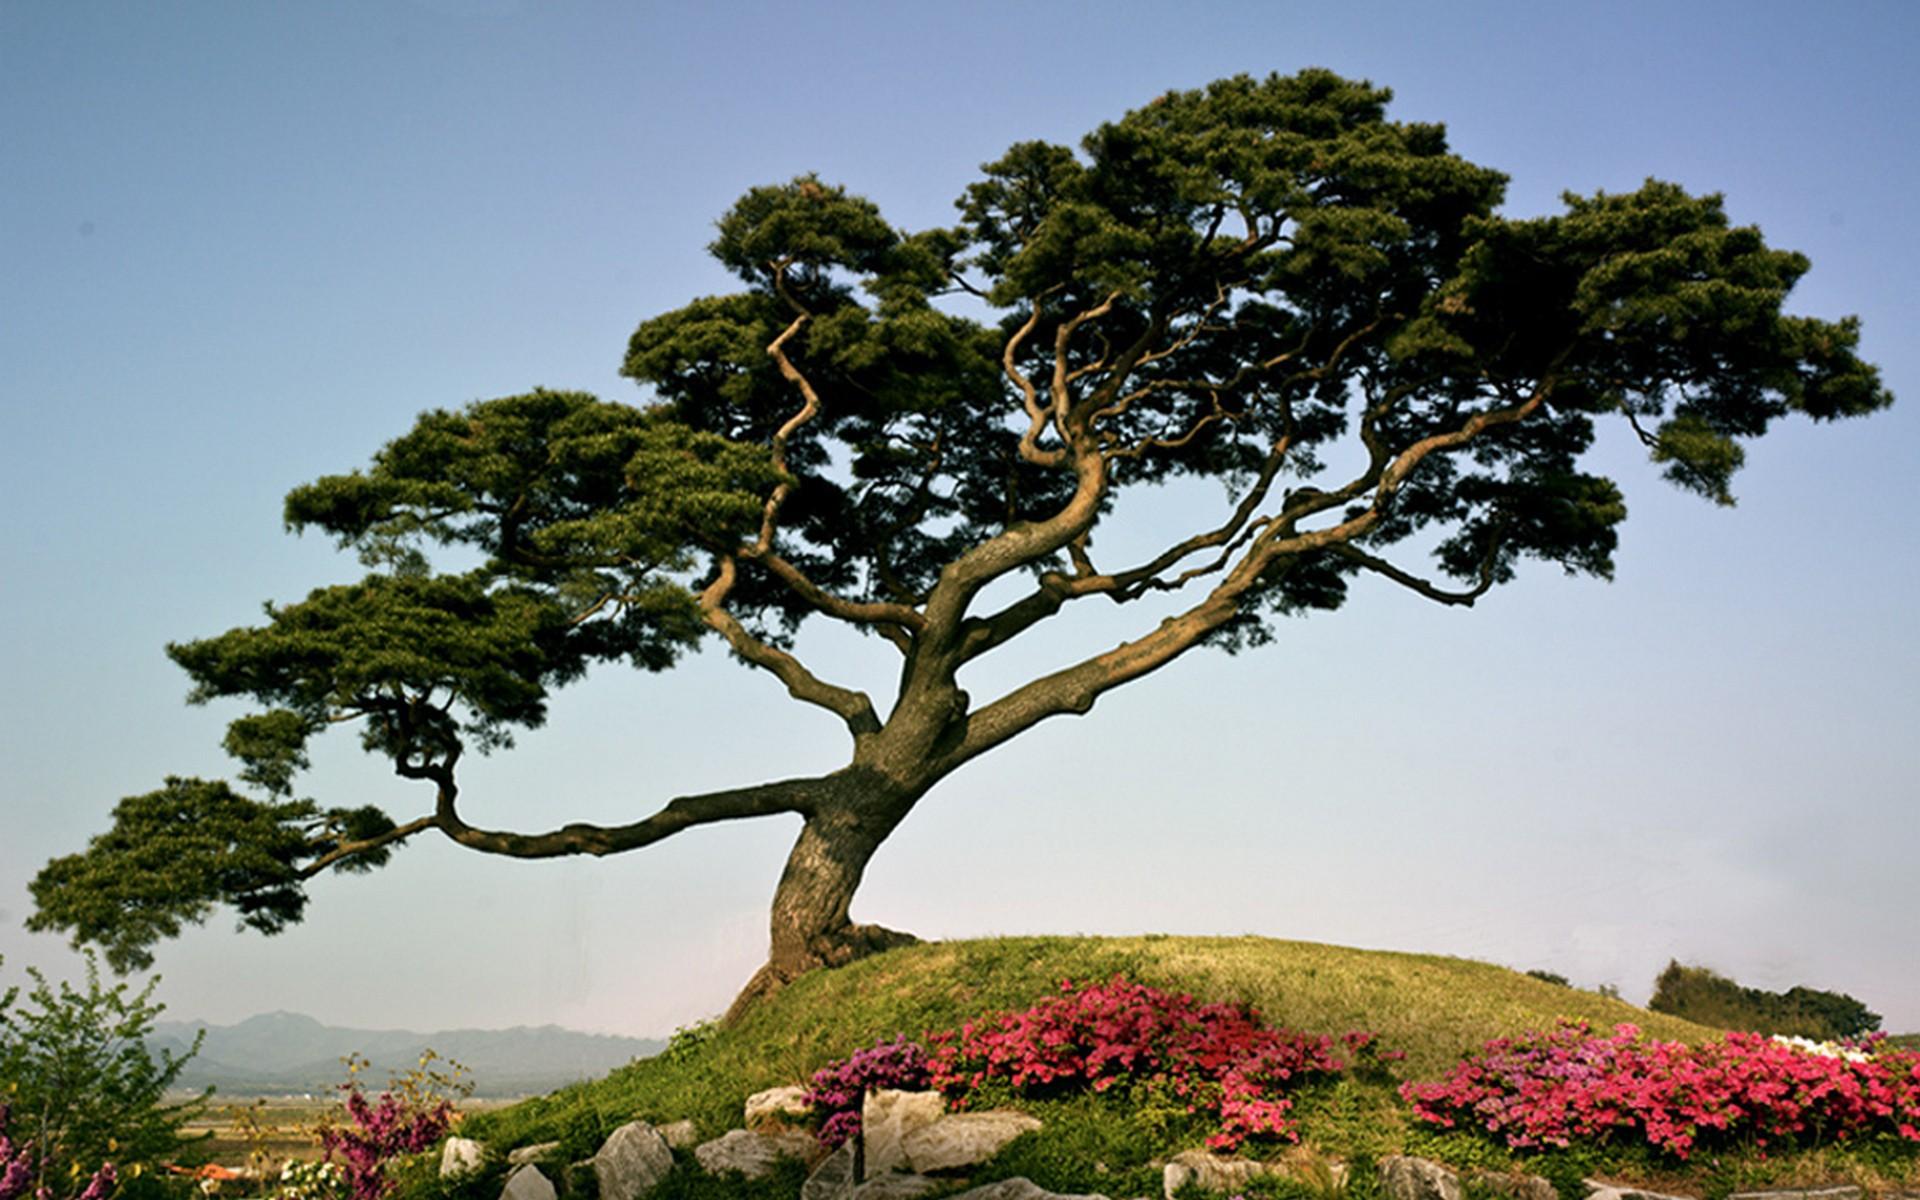 группу извилистое дерево фото постарались